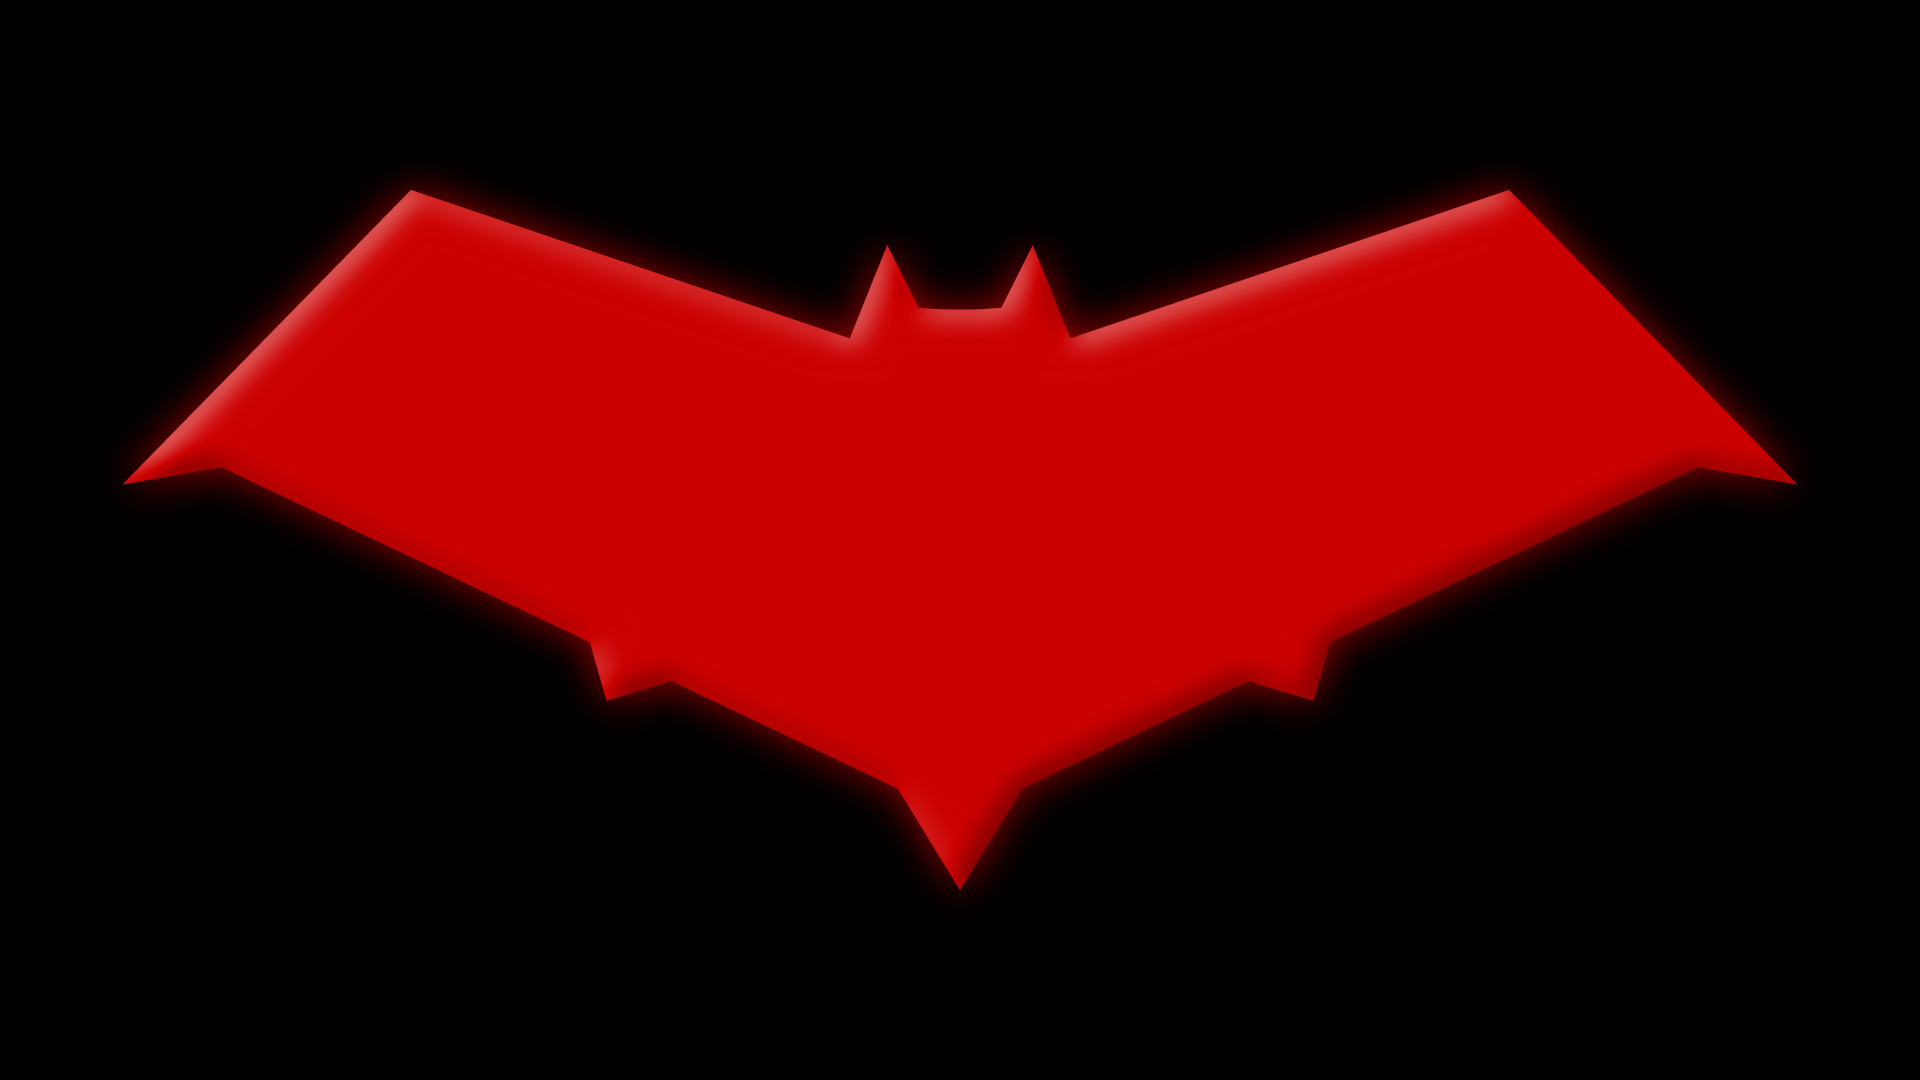 <b>DC</b> COMICS Batman Arkham Knight <b>Red